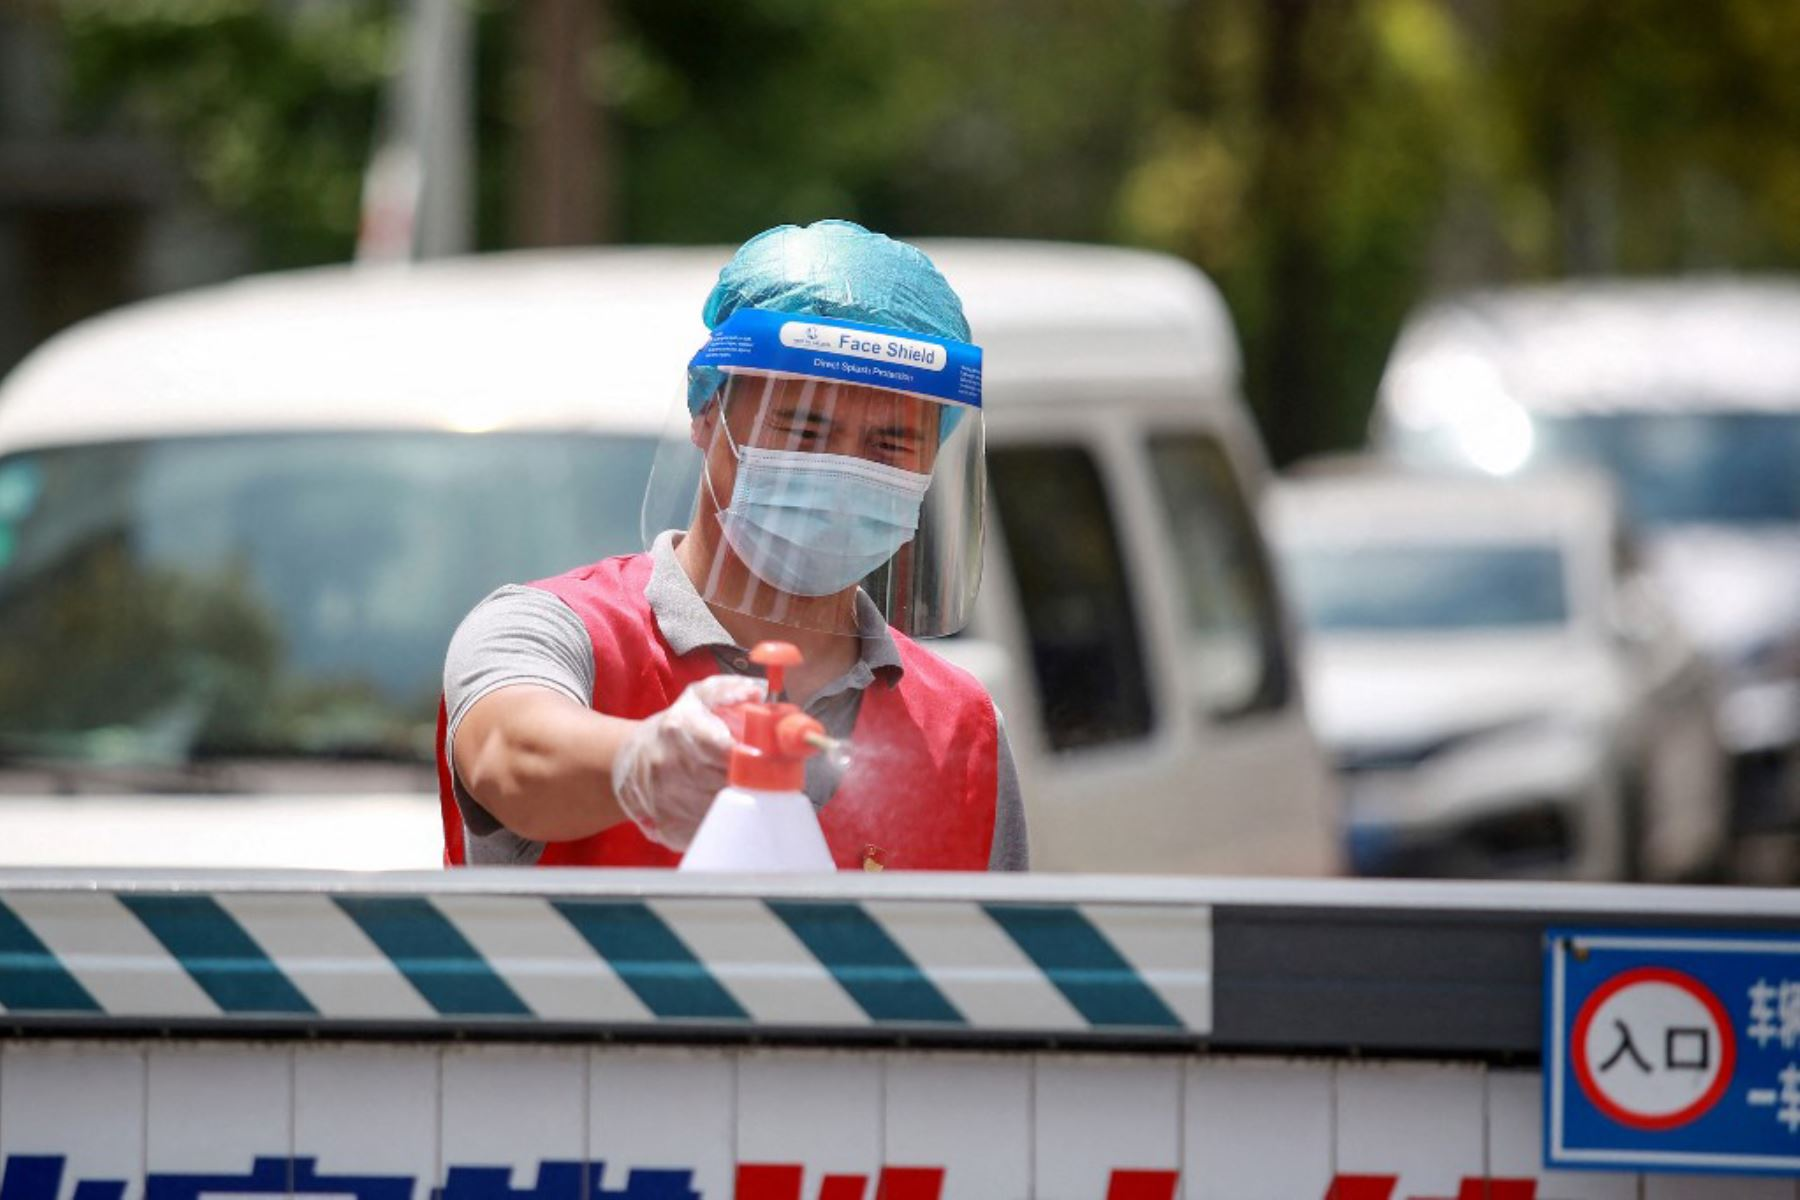 Un miembro del personal rocía desinfectante en un área residencial restringida debido al coronavirus Covid-19 en Yangzhou, en la provincia de Jiangsu, en el este de China  Foto:AFP